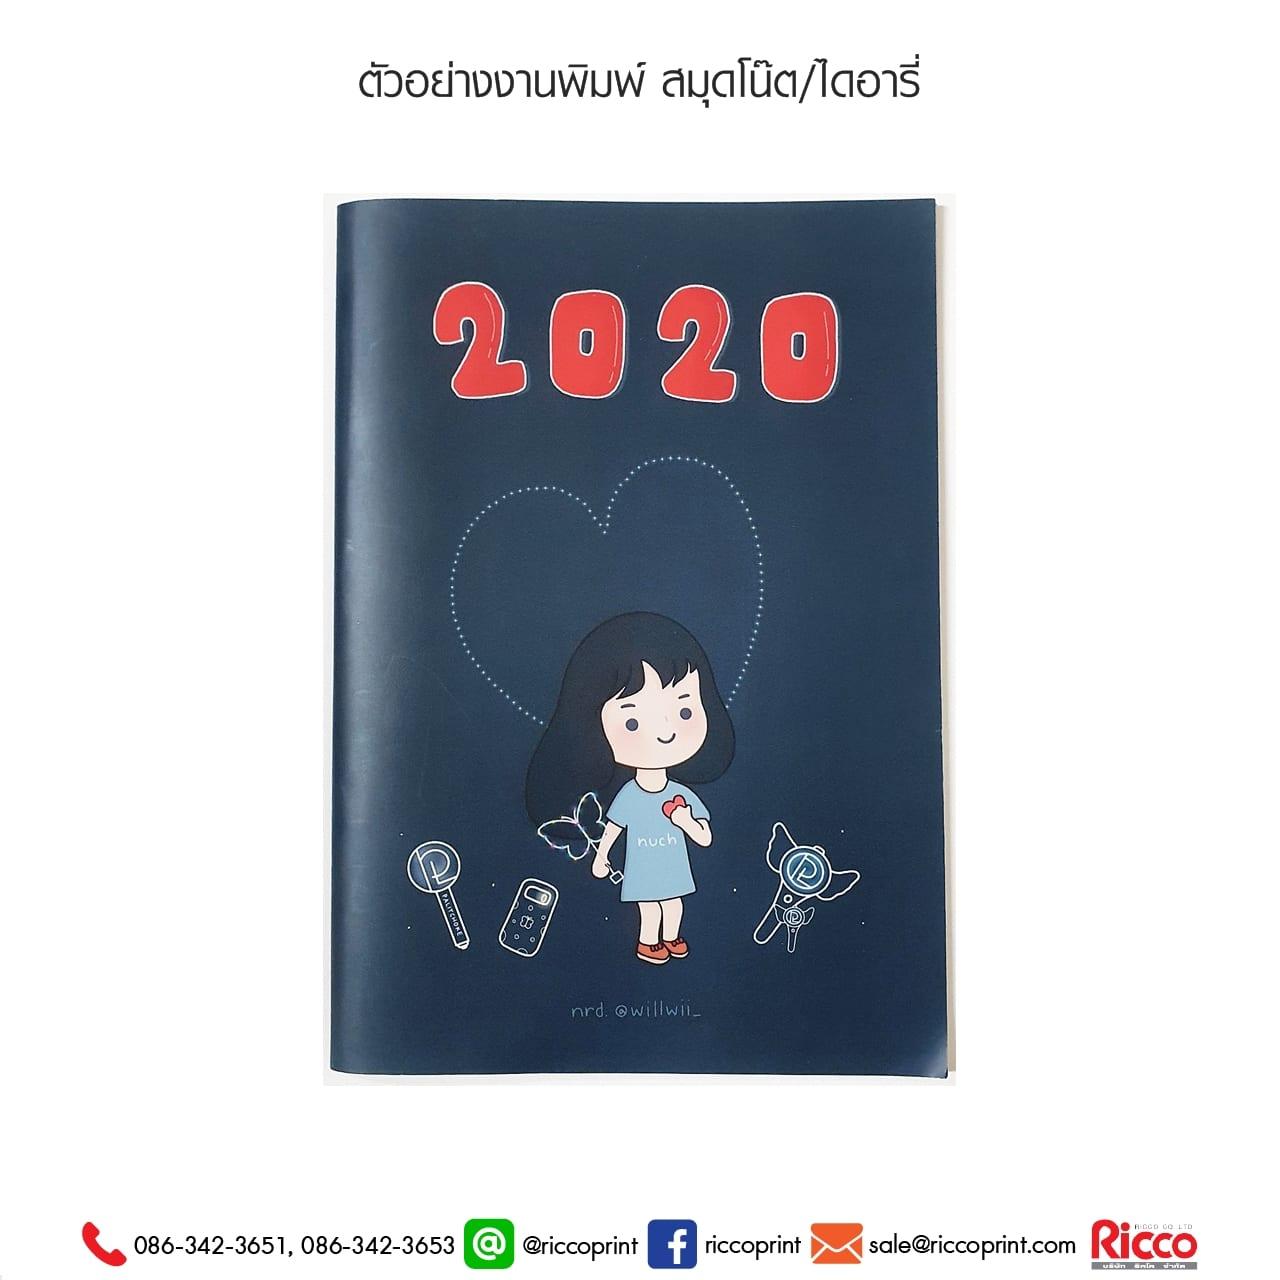 รูป Notebook Diary 22 - ประกอบเนื้อหา สมุดโน้ต ไดอารี่